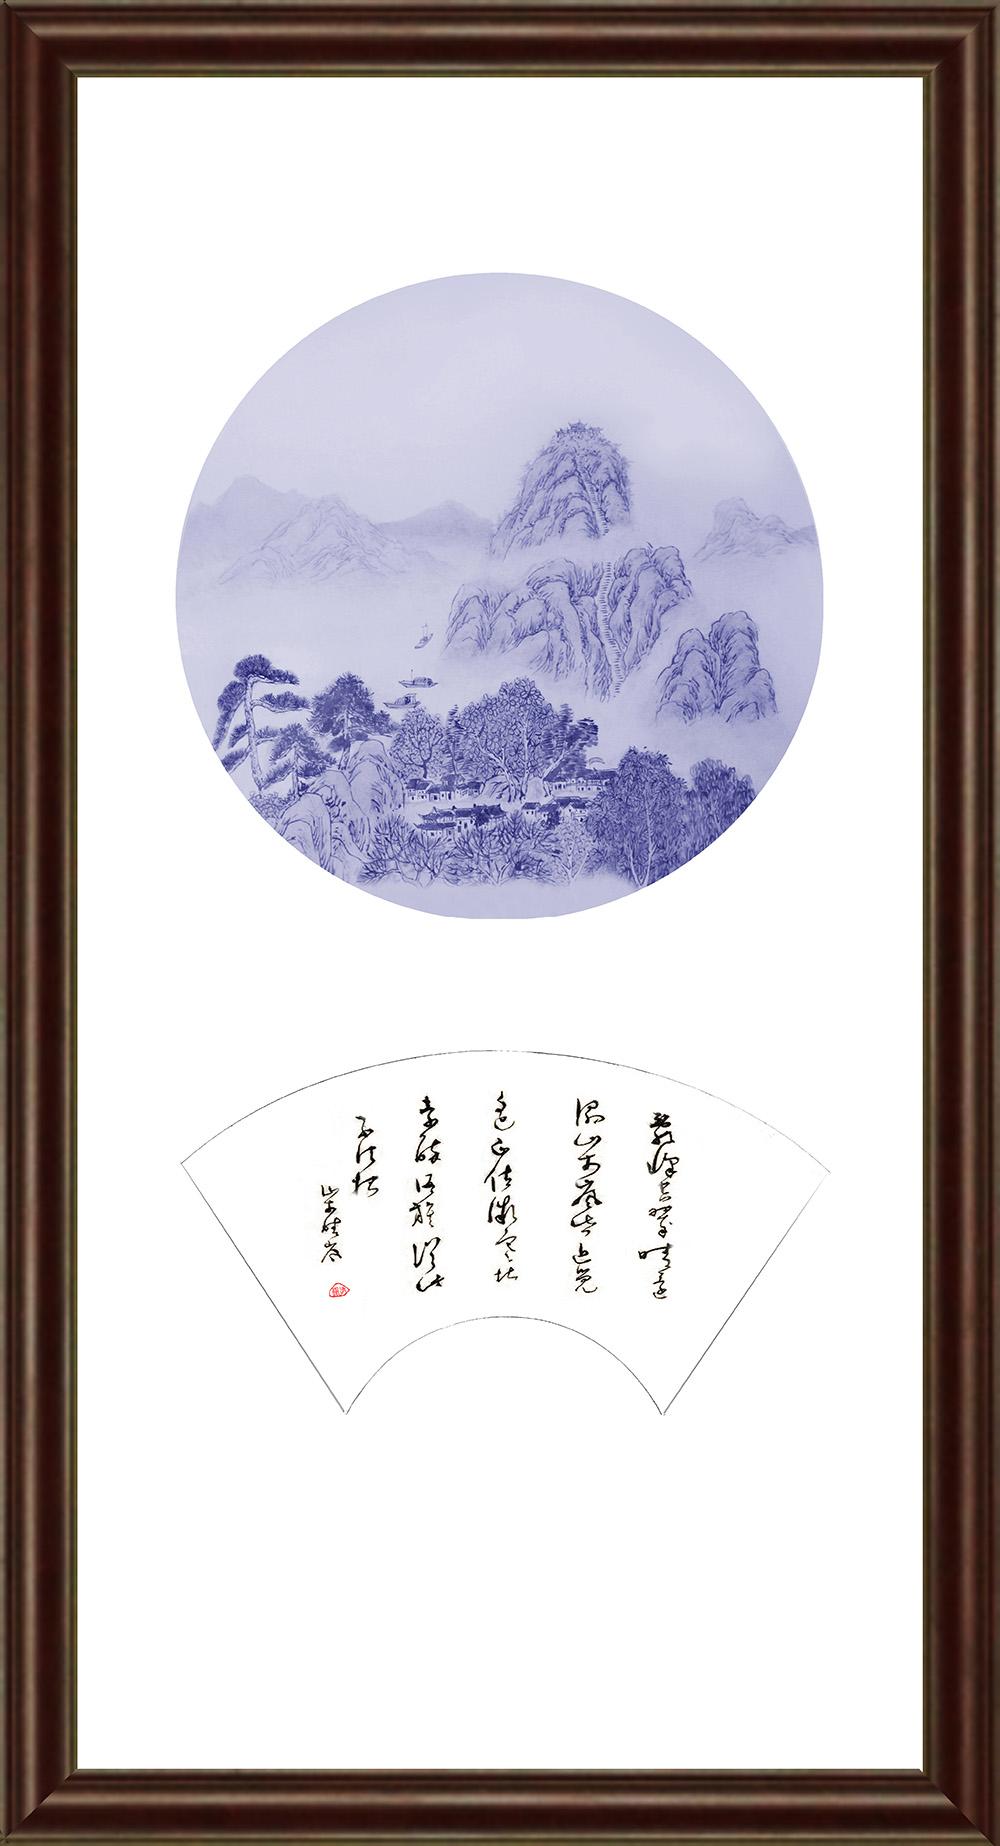 17-1000.jpg